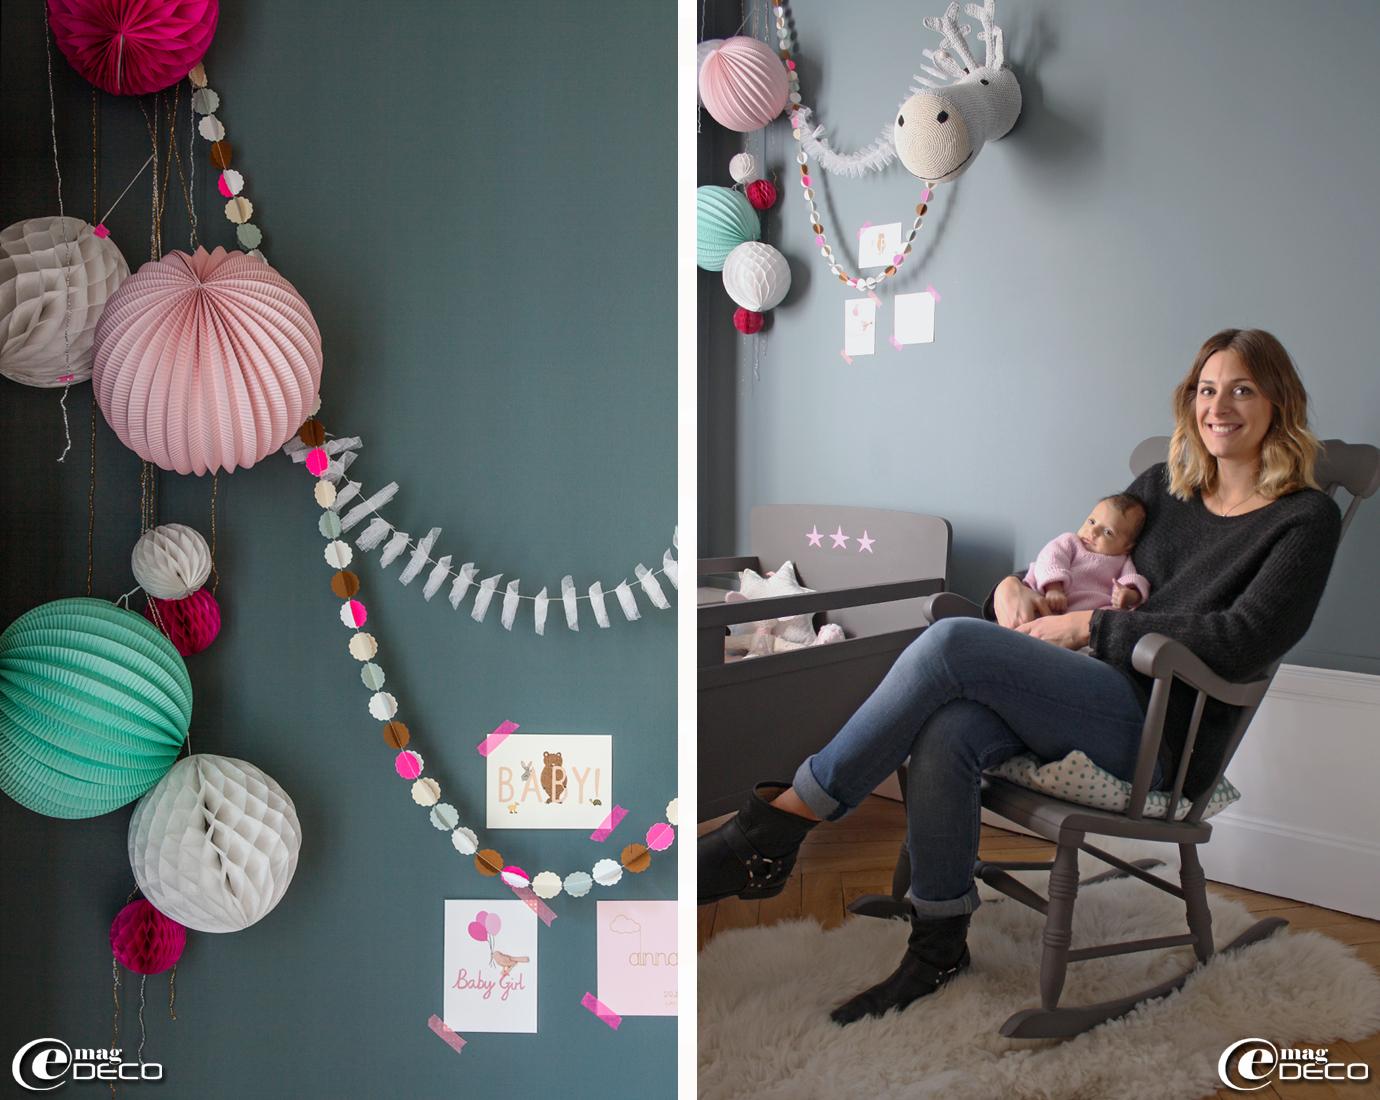 Guirlandes en tarlatane de coton et en papiers colorés 'Mi-avril', boules en papier et cartes postales 'Le Petit Souk'